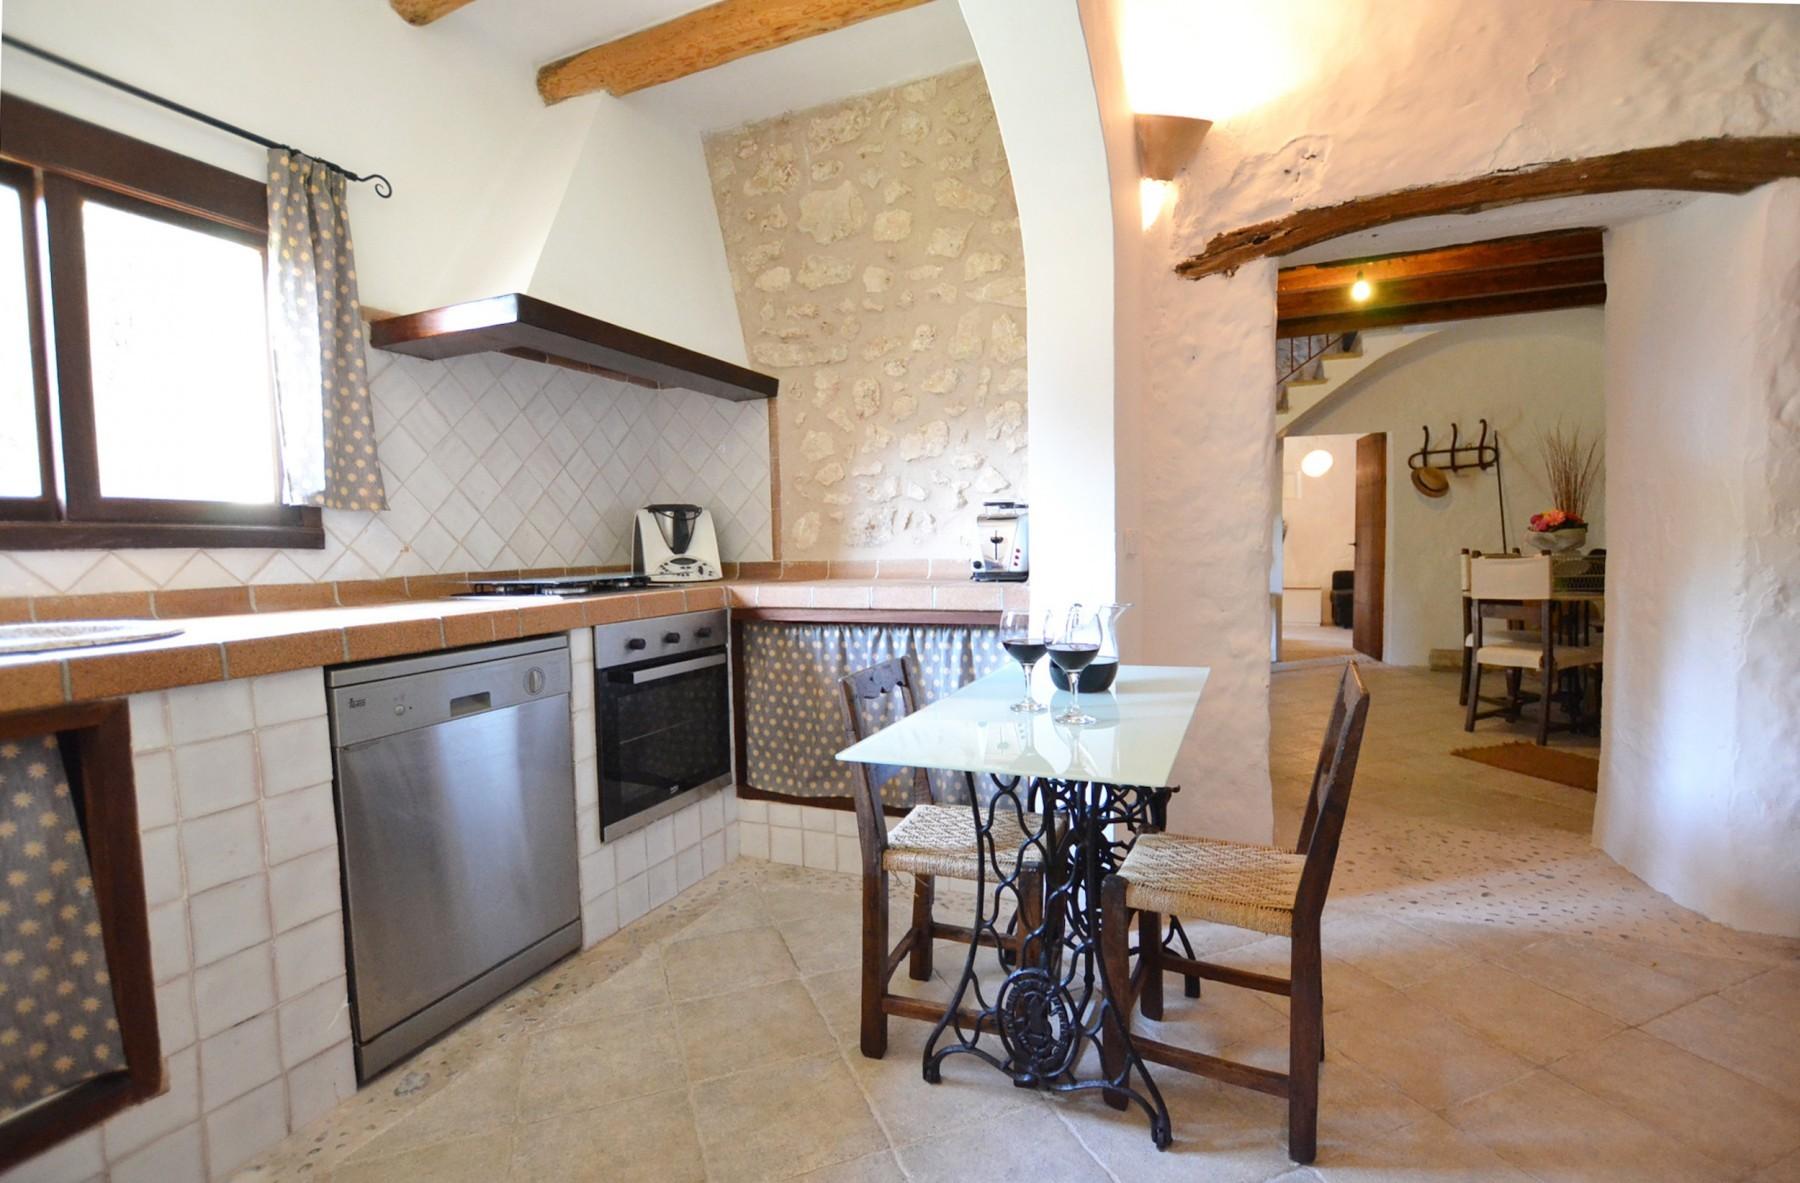 ... 5 Doppelschlafzimmer, 3 Badezimmer, Wifi Internet, Klimaanlage, Schöner  Garten Mit Pool ...